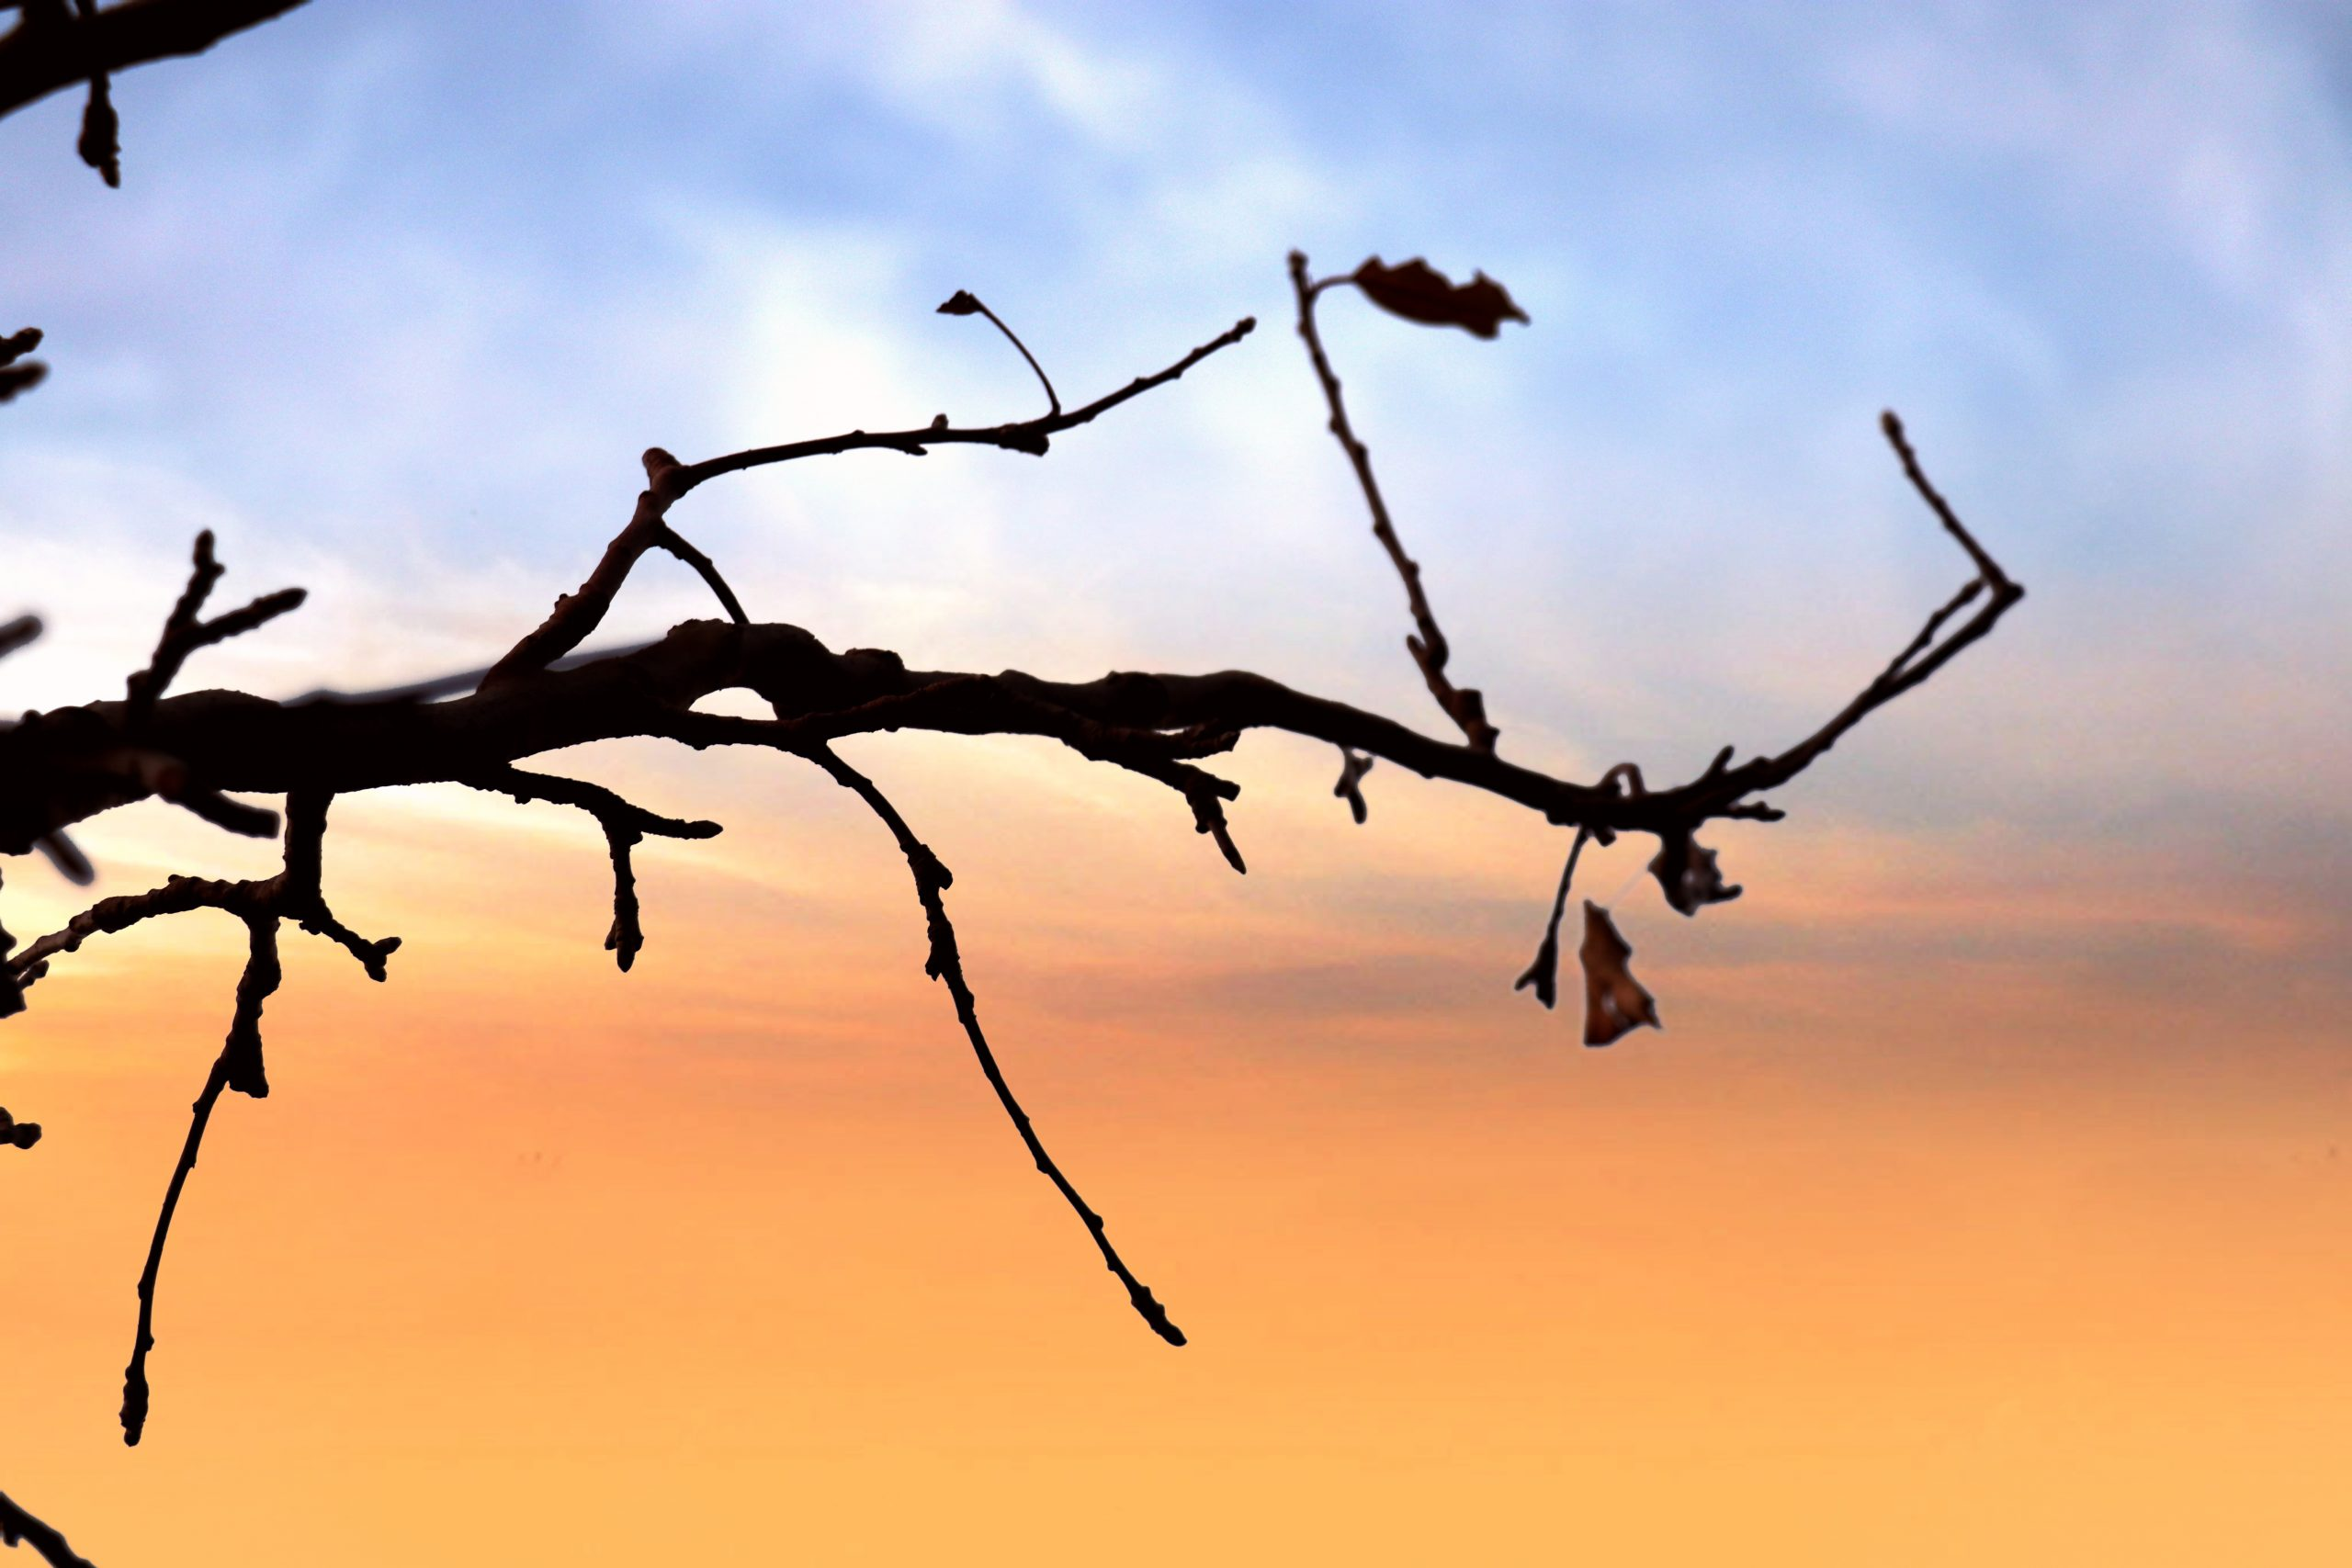 A dry branch